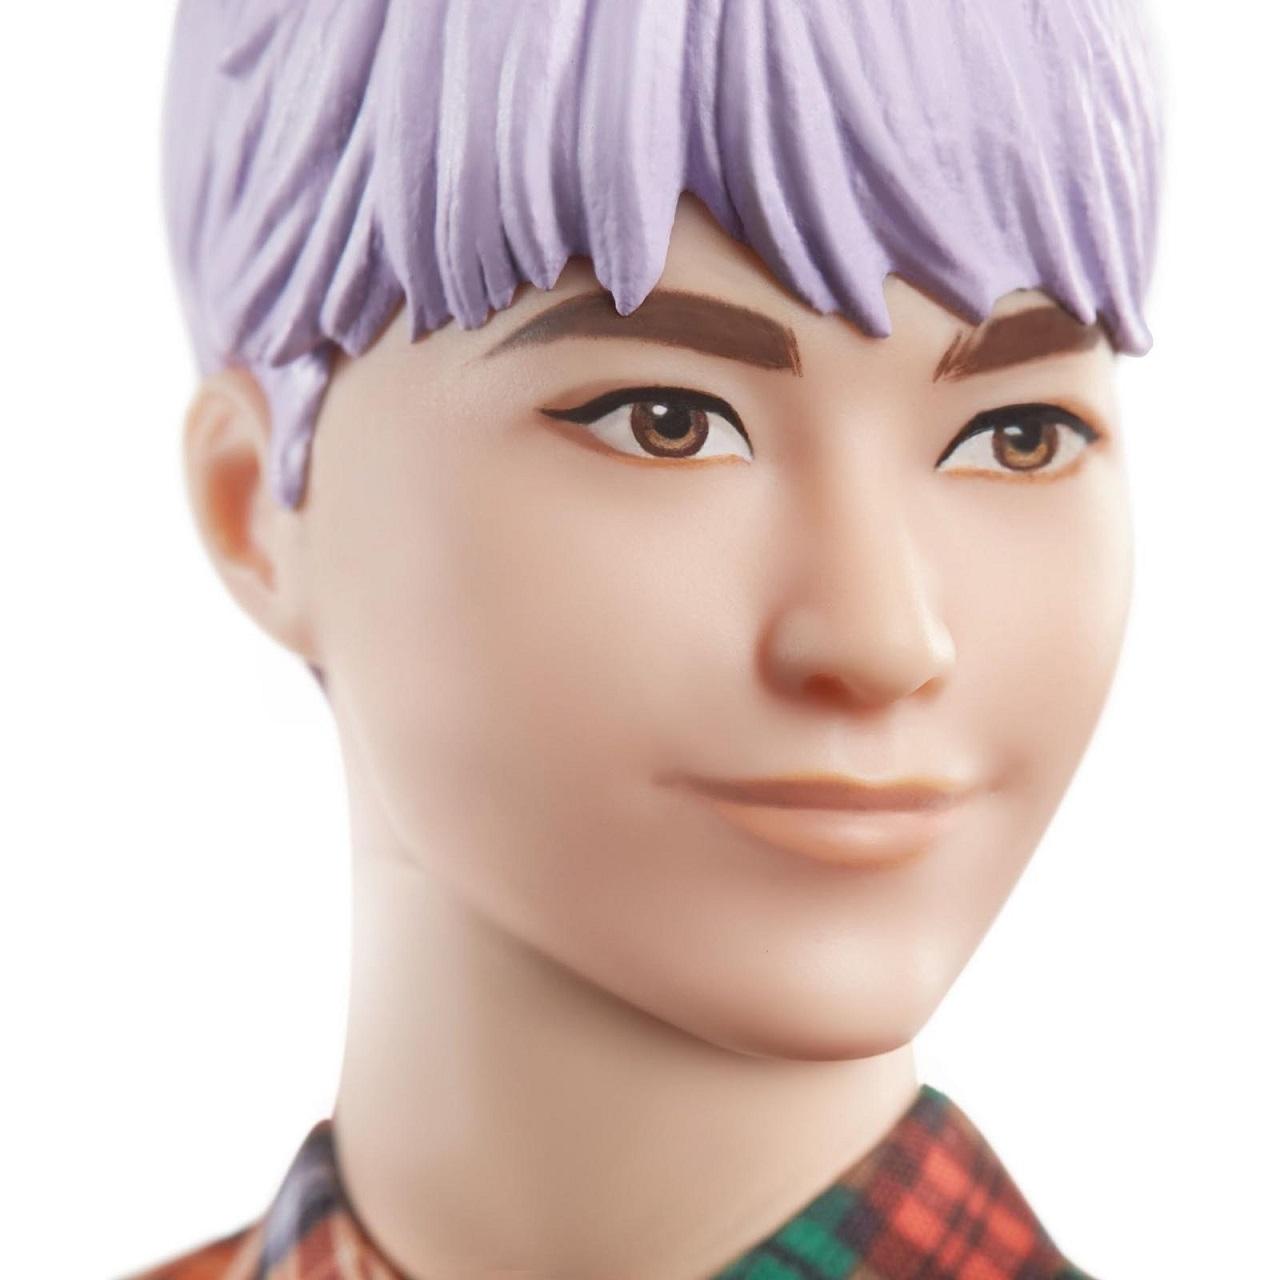 Boneco Ken Fashionista Cabelo Roxo #154 - Barbie Mattel